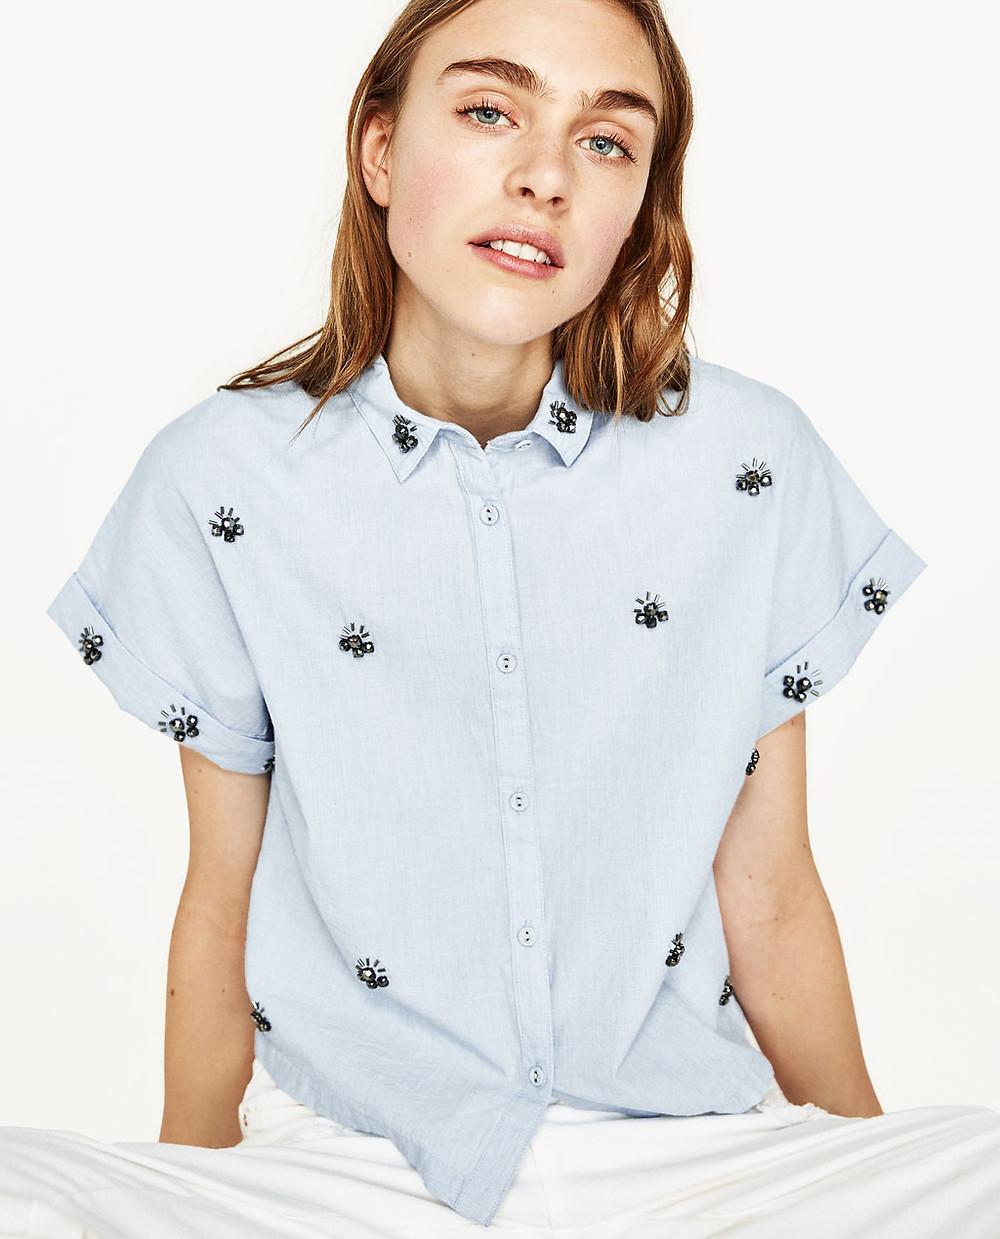 Gem Shirt from Zara